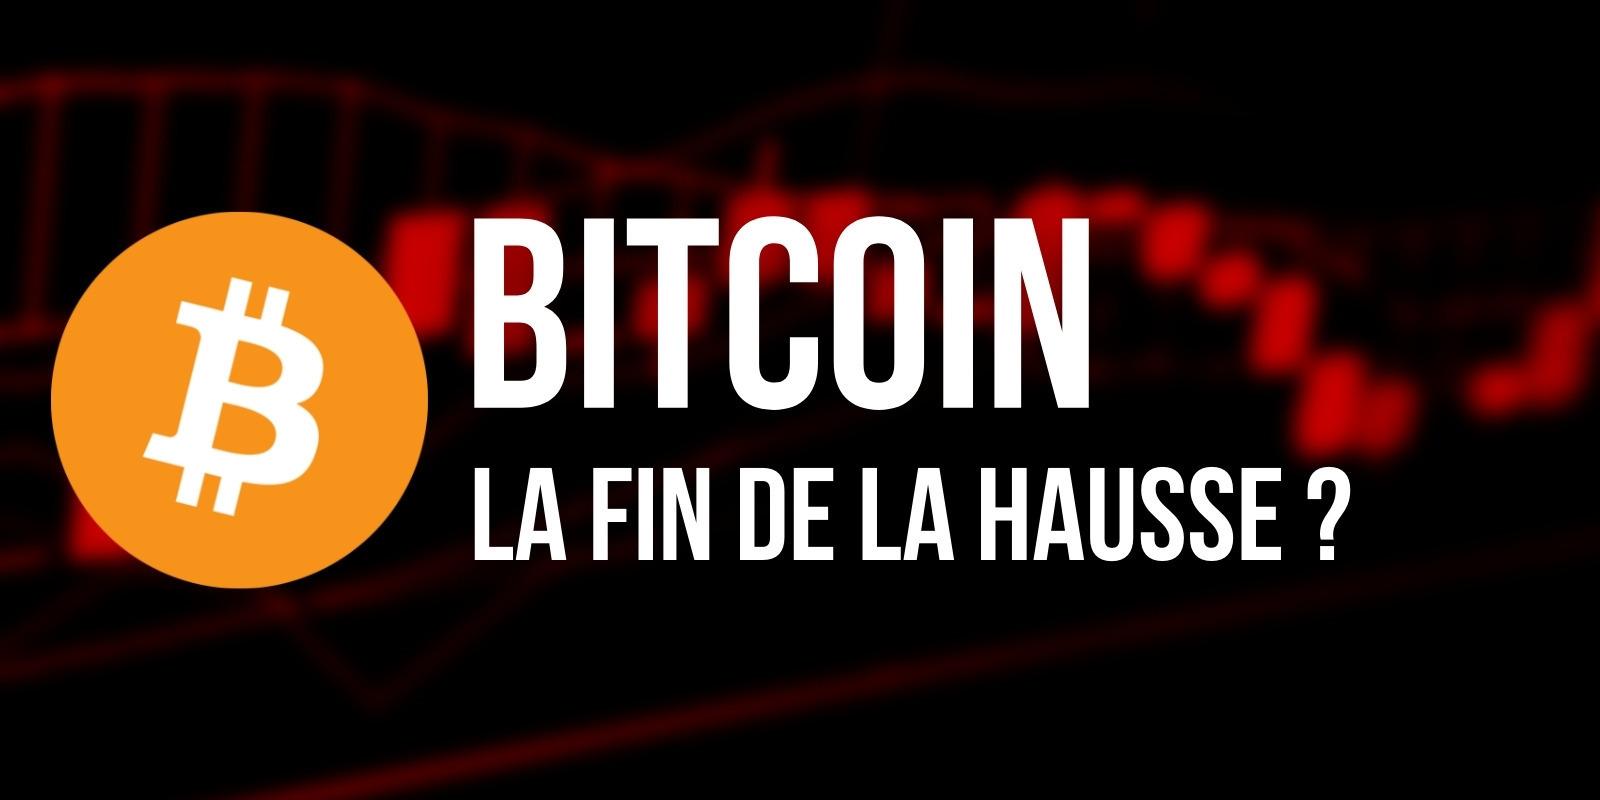 Est-ce déjà la fin de la hausse pour le Bitcoin (BTC) ?